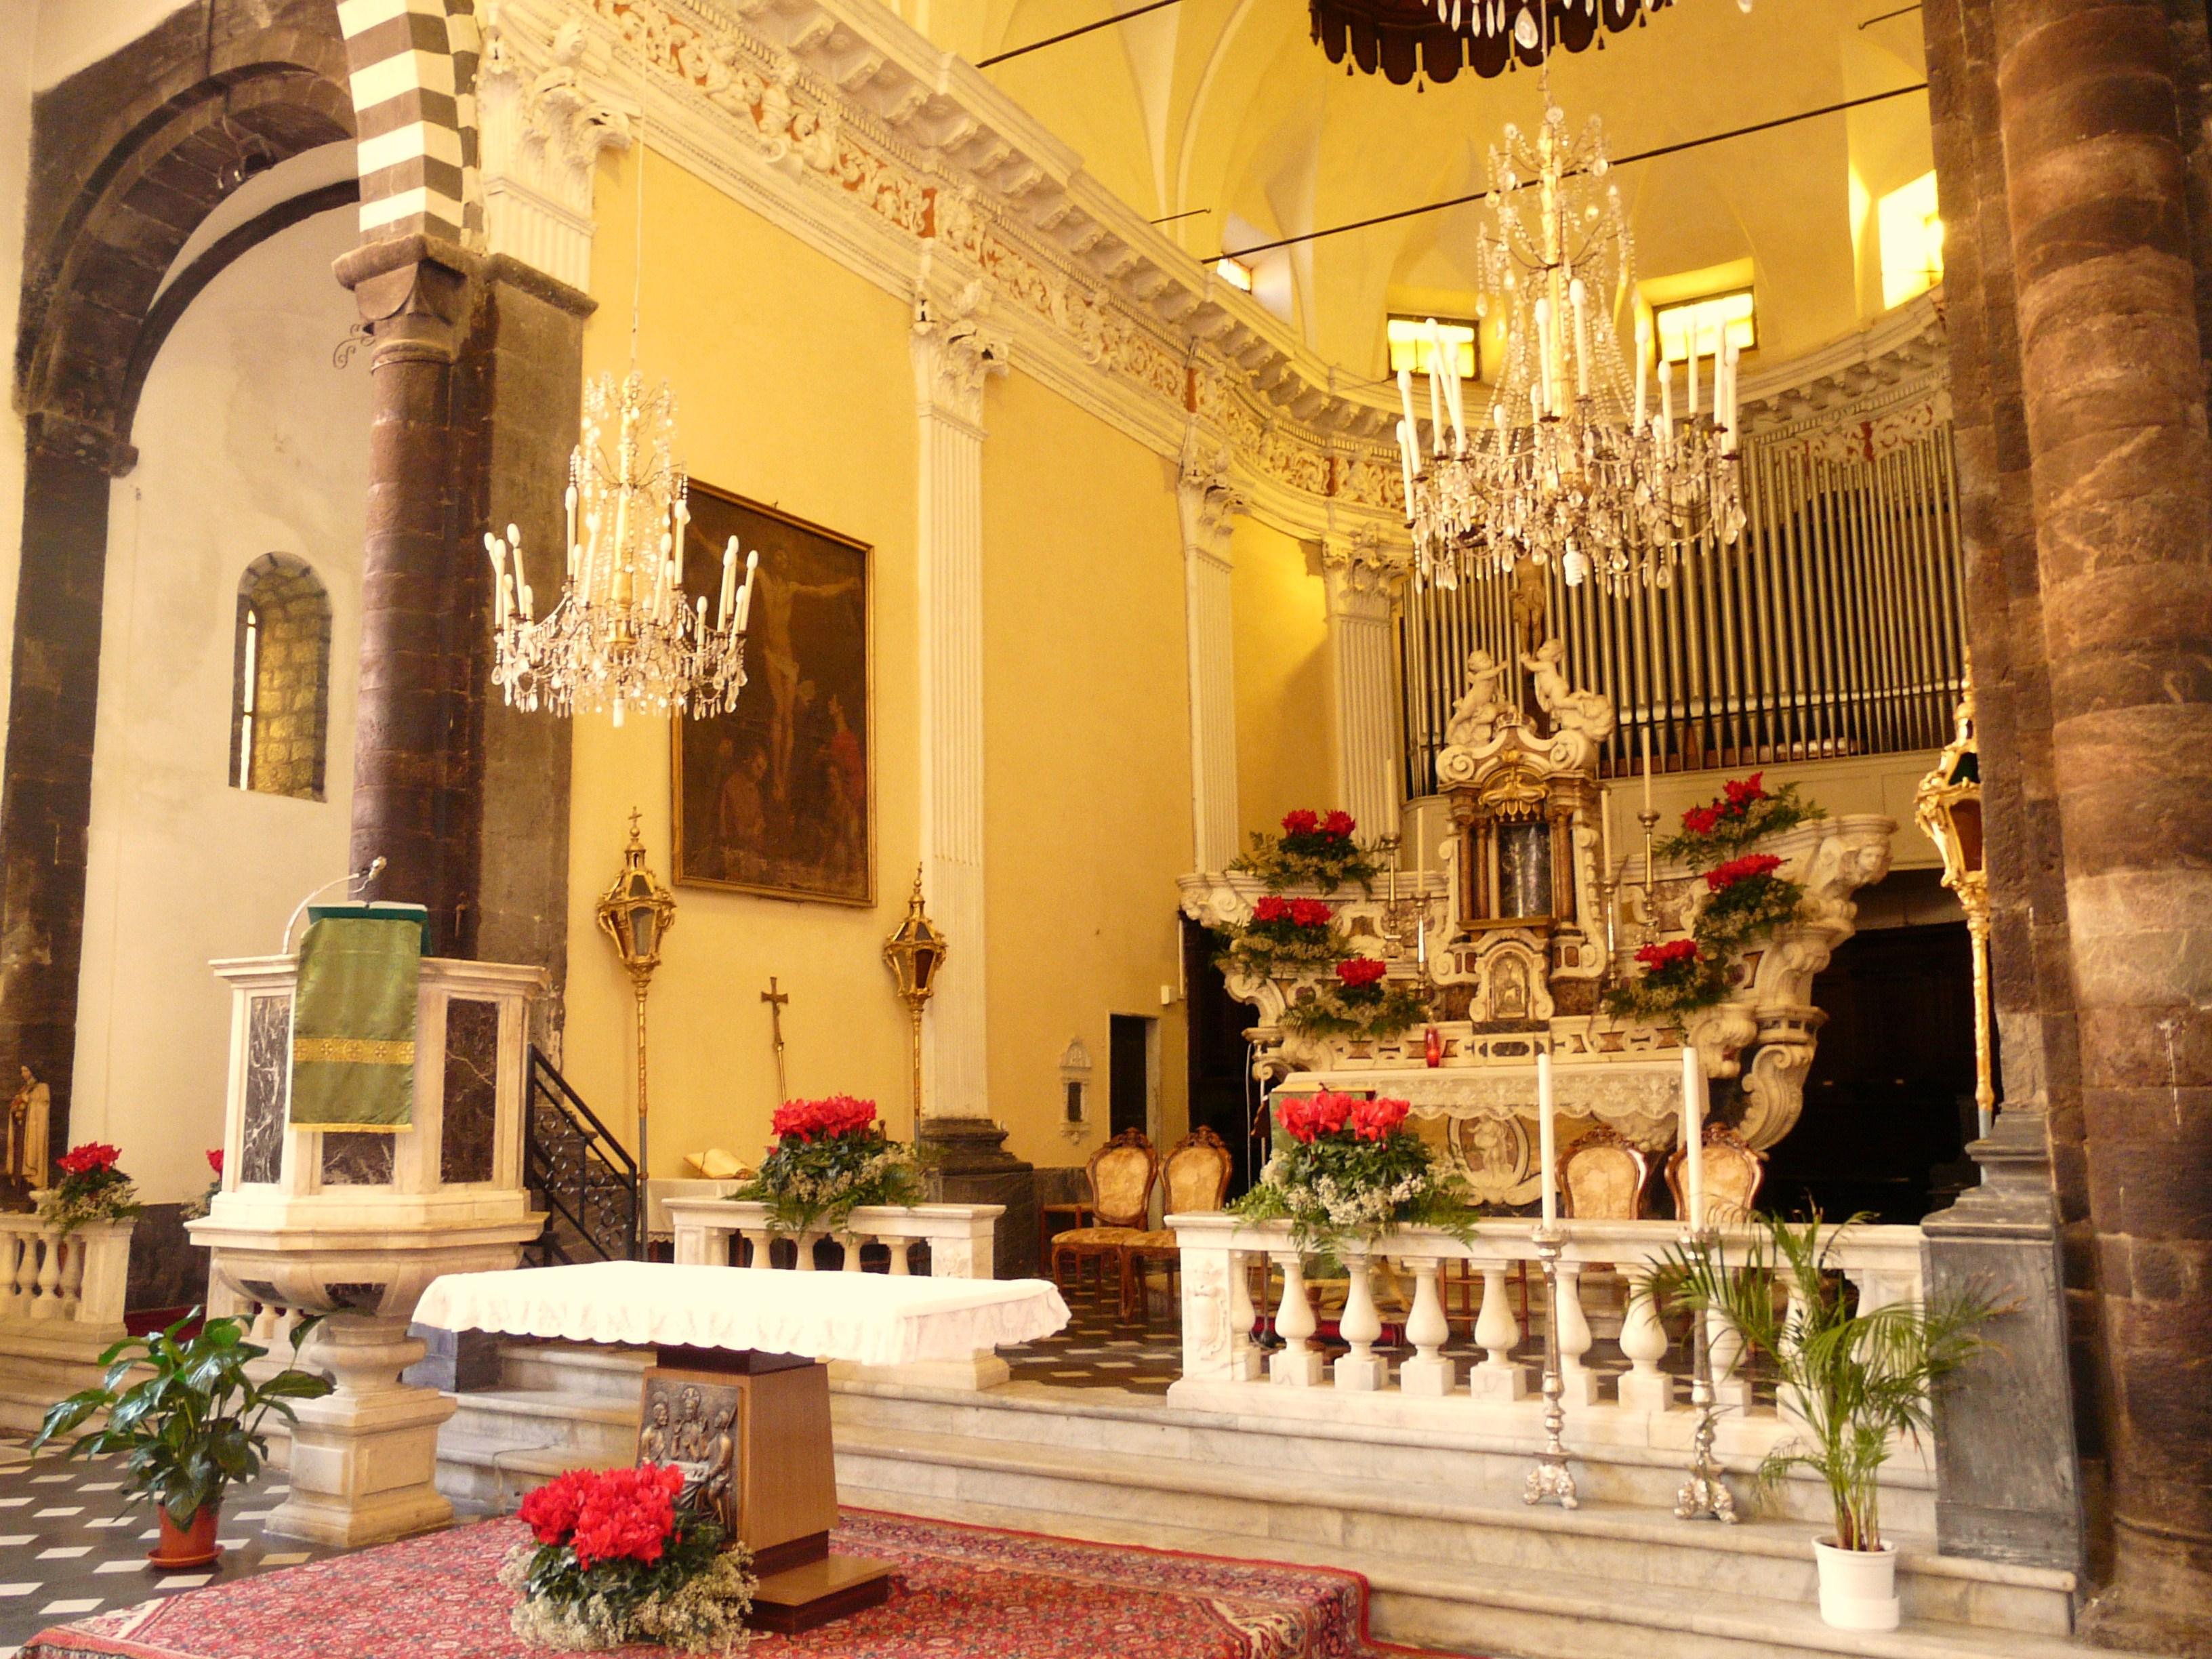 file monterosso al mare-chiesa san giovanni battista-altare1 jpg